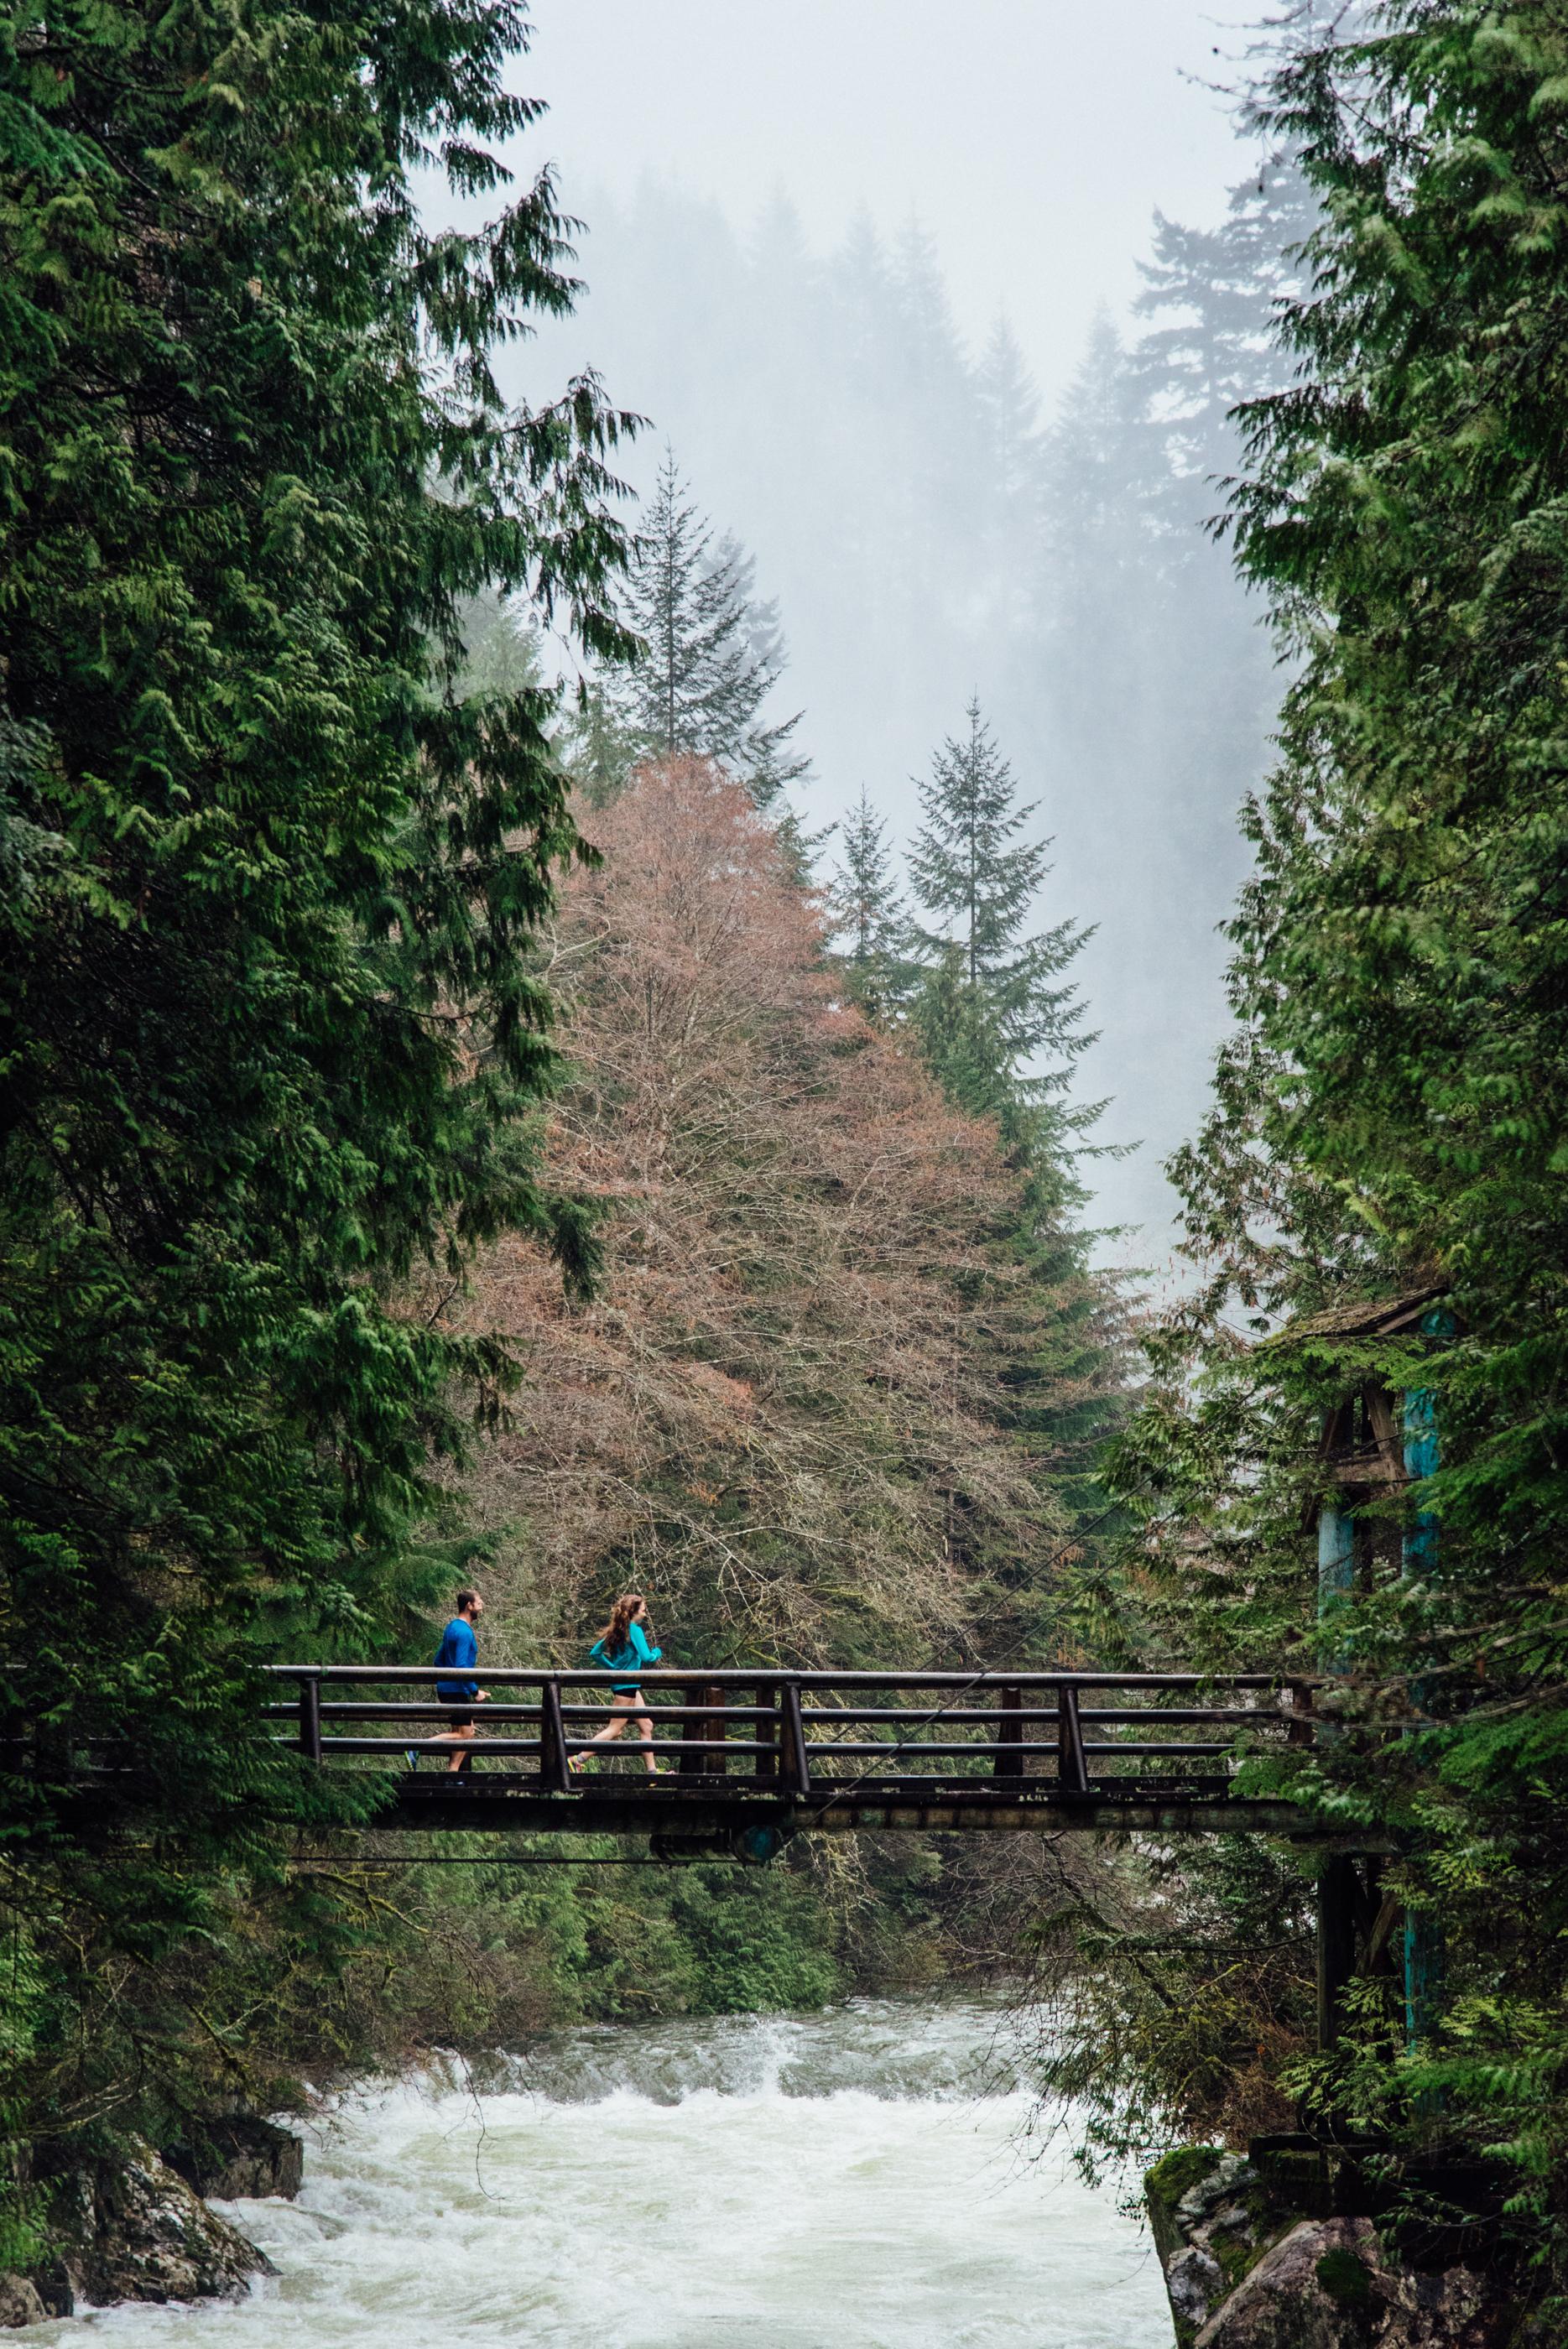 Saucony-Seekers-Vancouver-ChrisBrinleeJr-MAR16-15.jpg